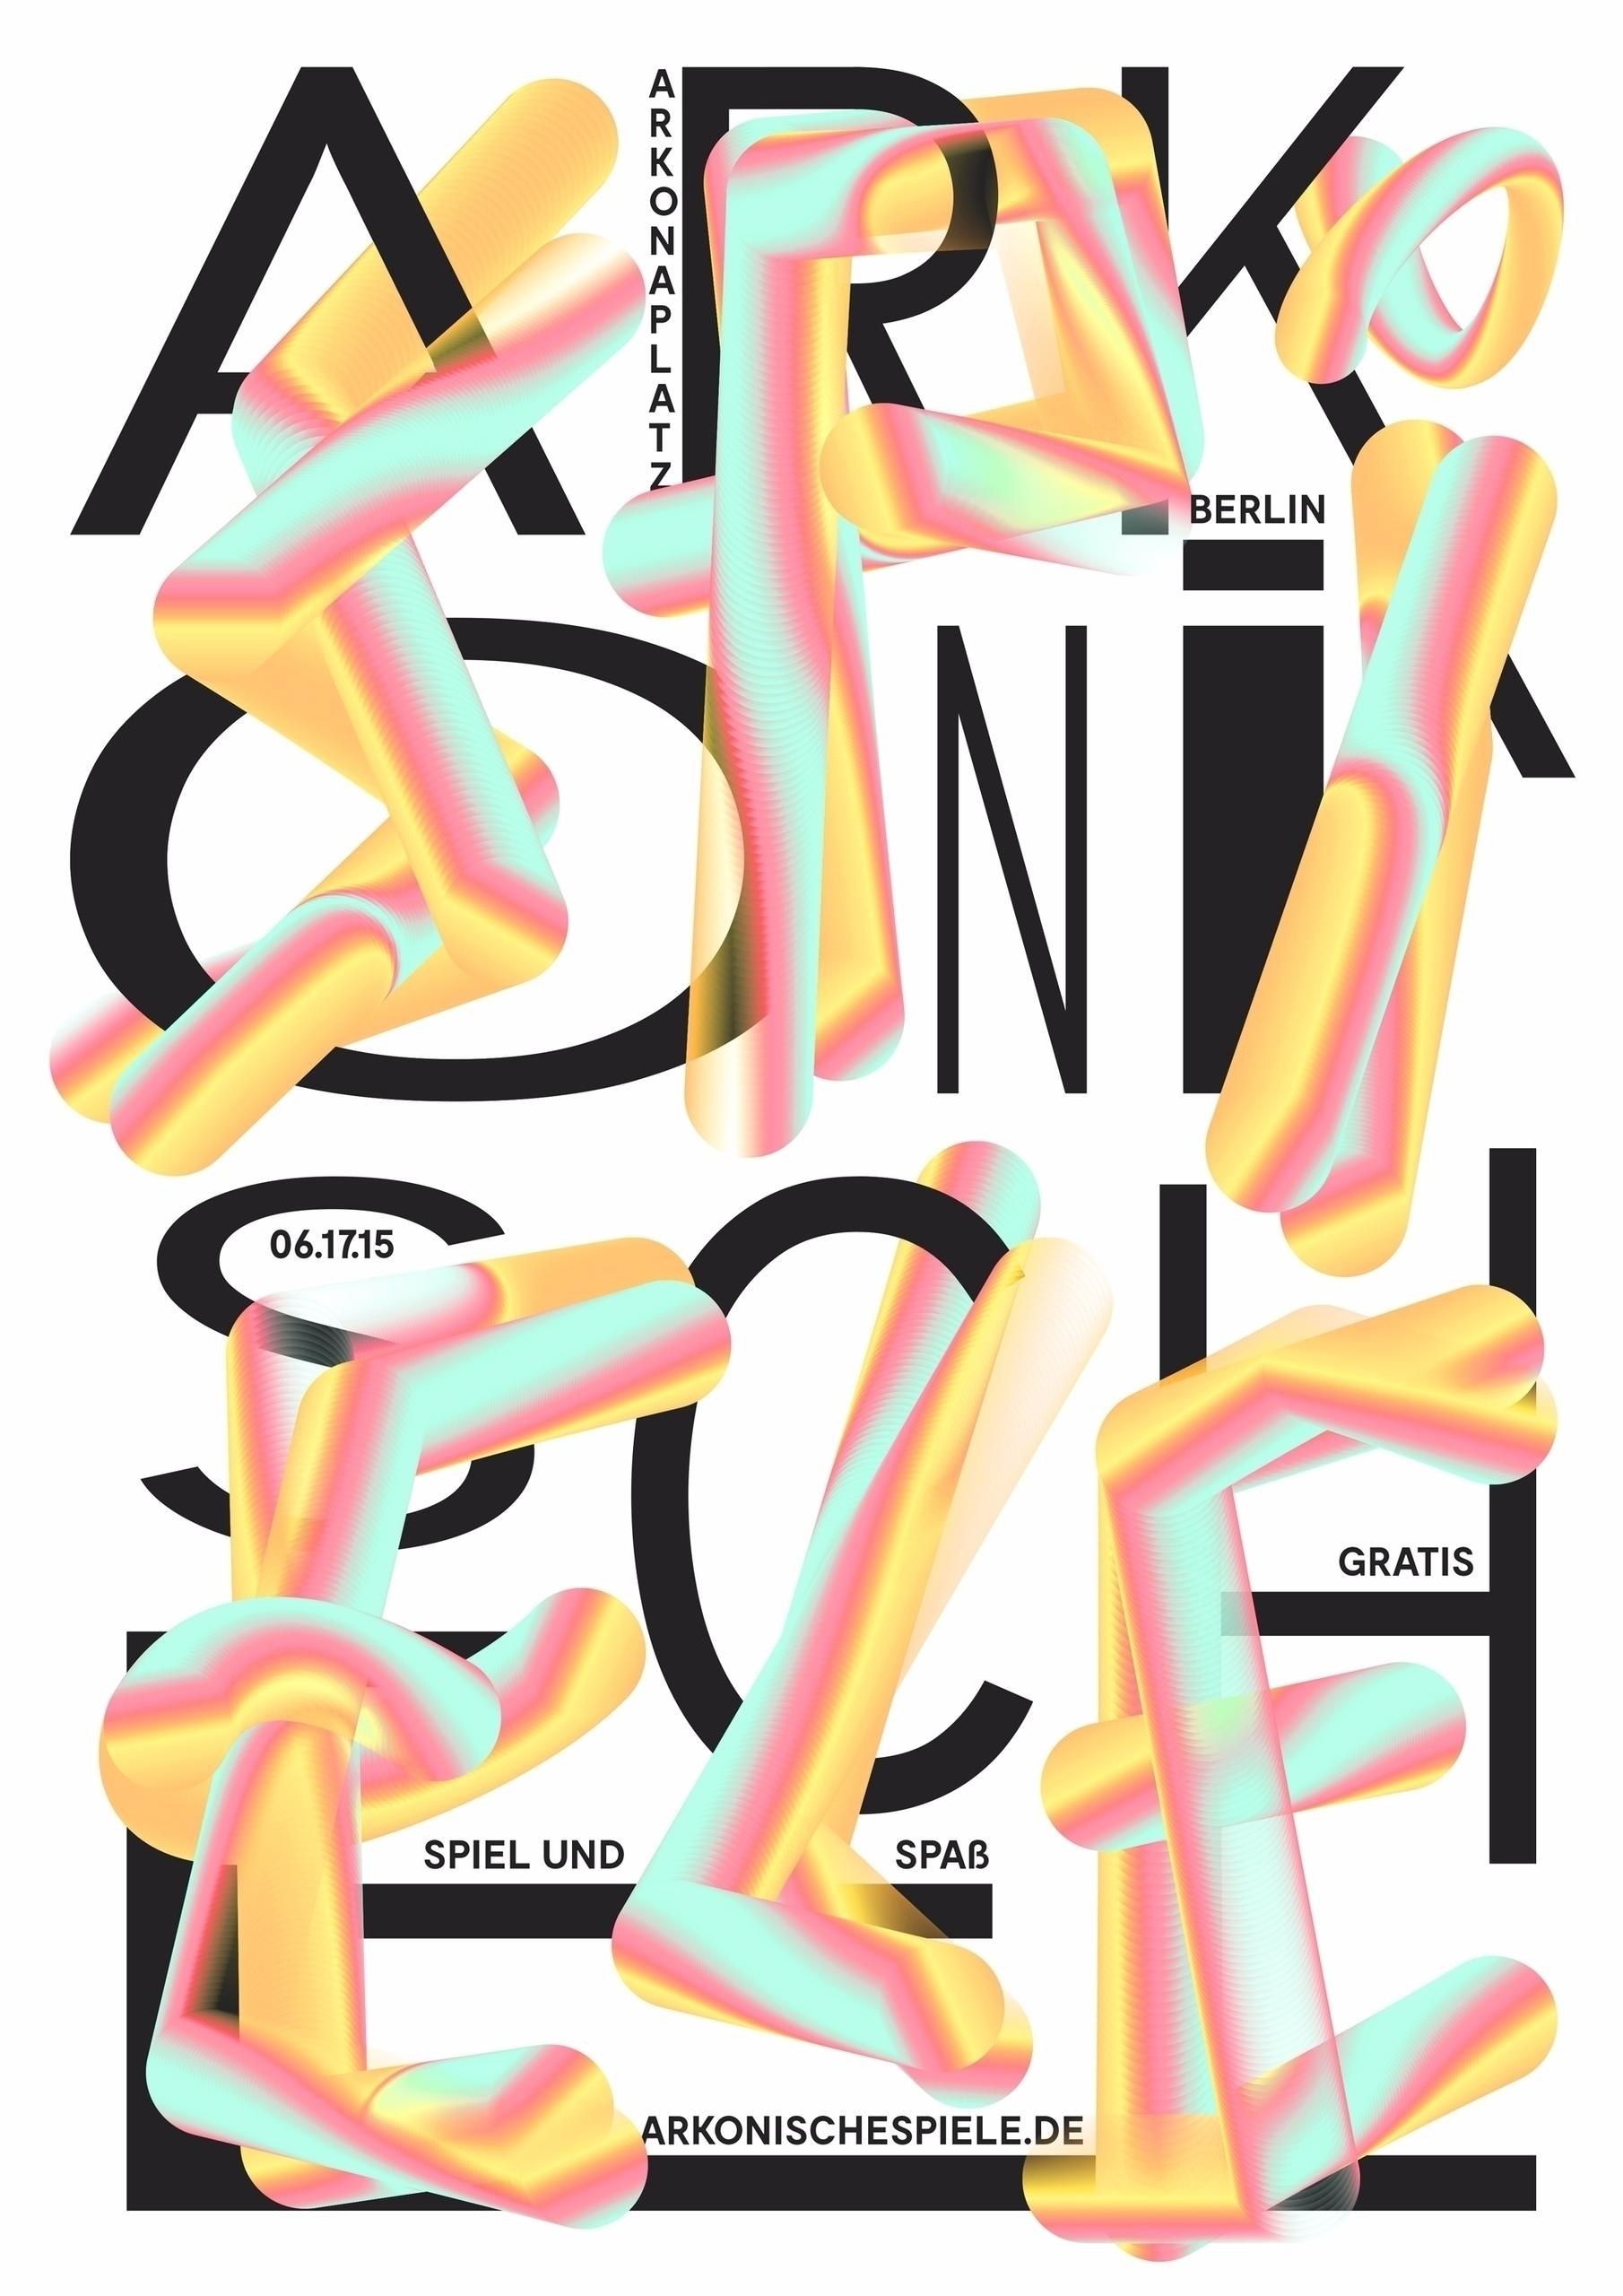 poster event place Arkonaplatz - andersbakken | ello